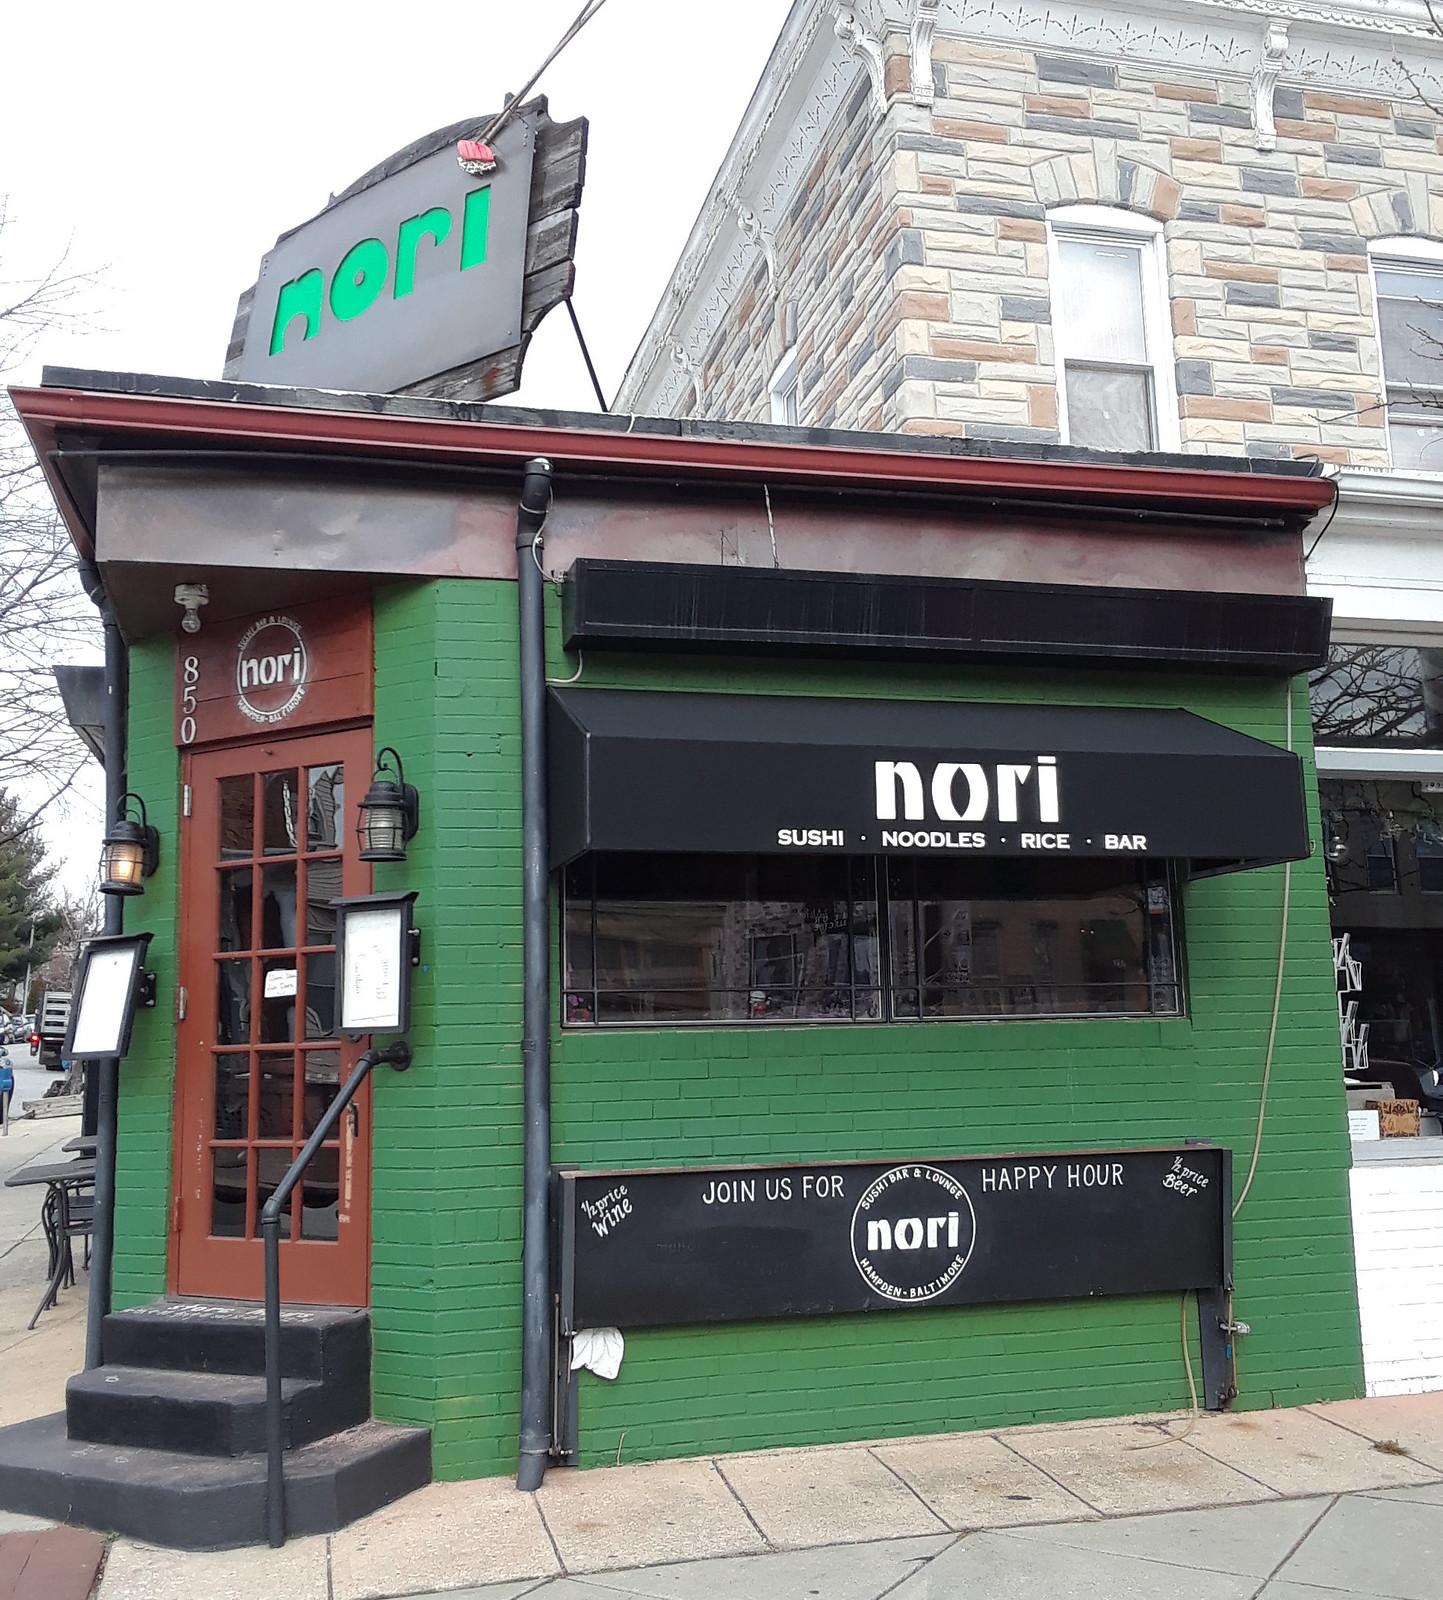 Green-Storefront Hoffman Awning-Baltimore